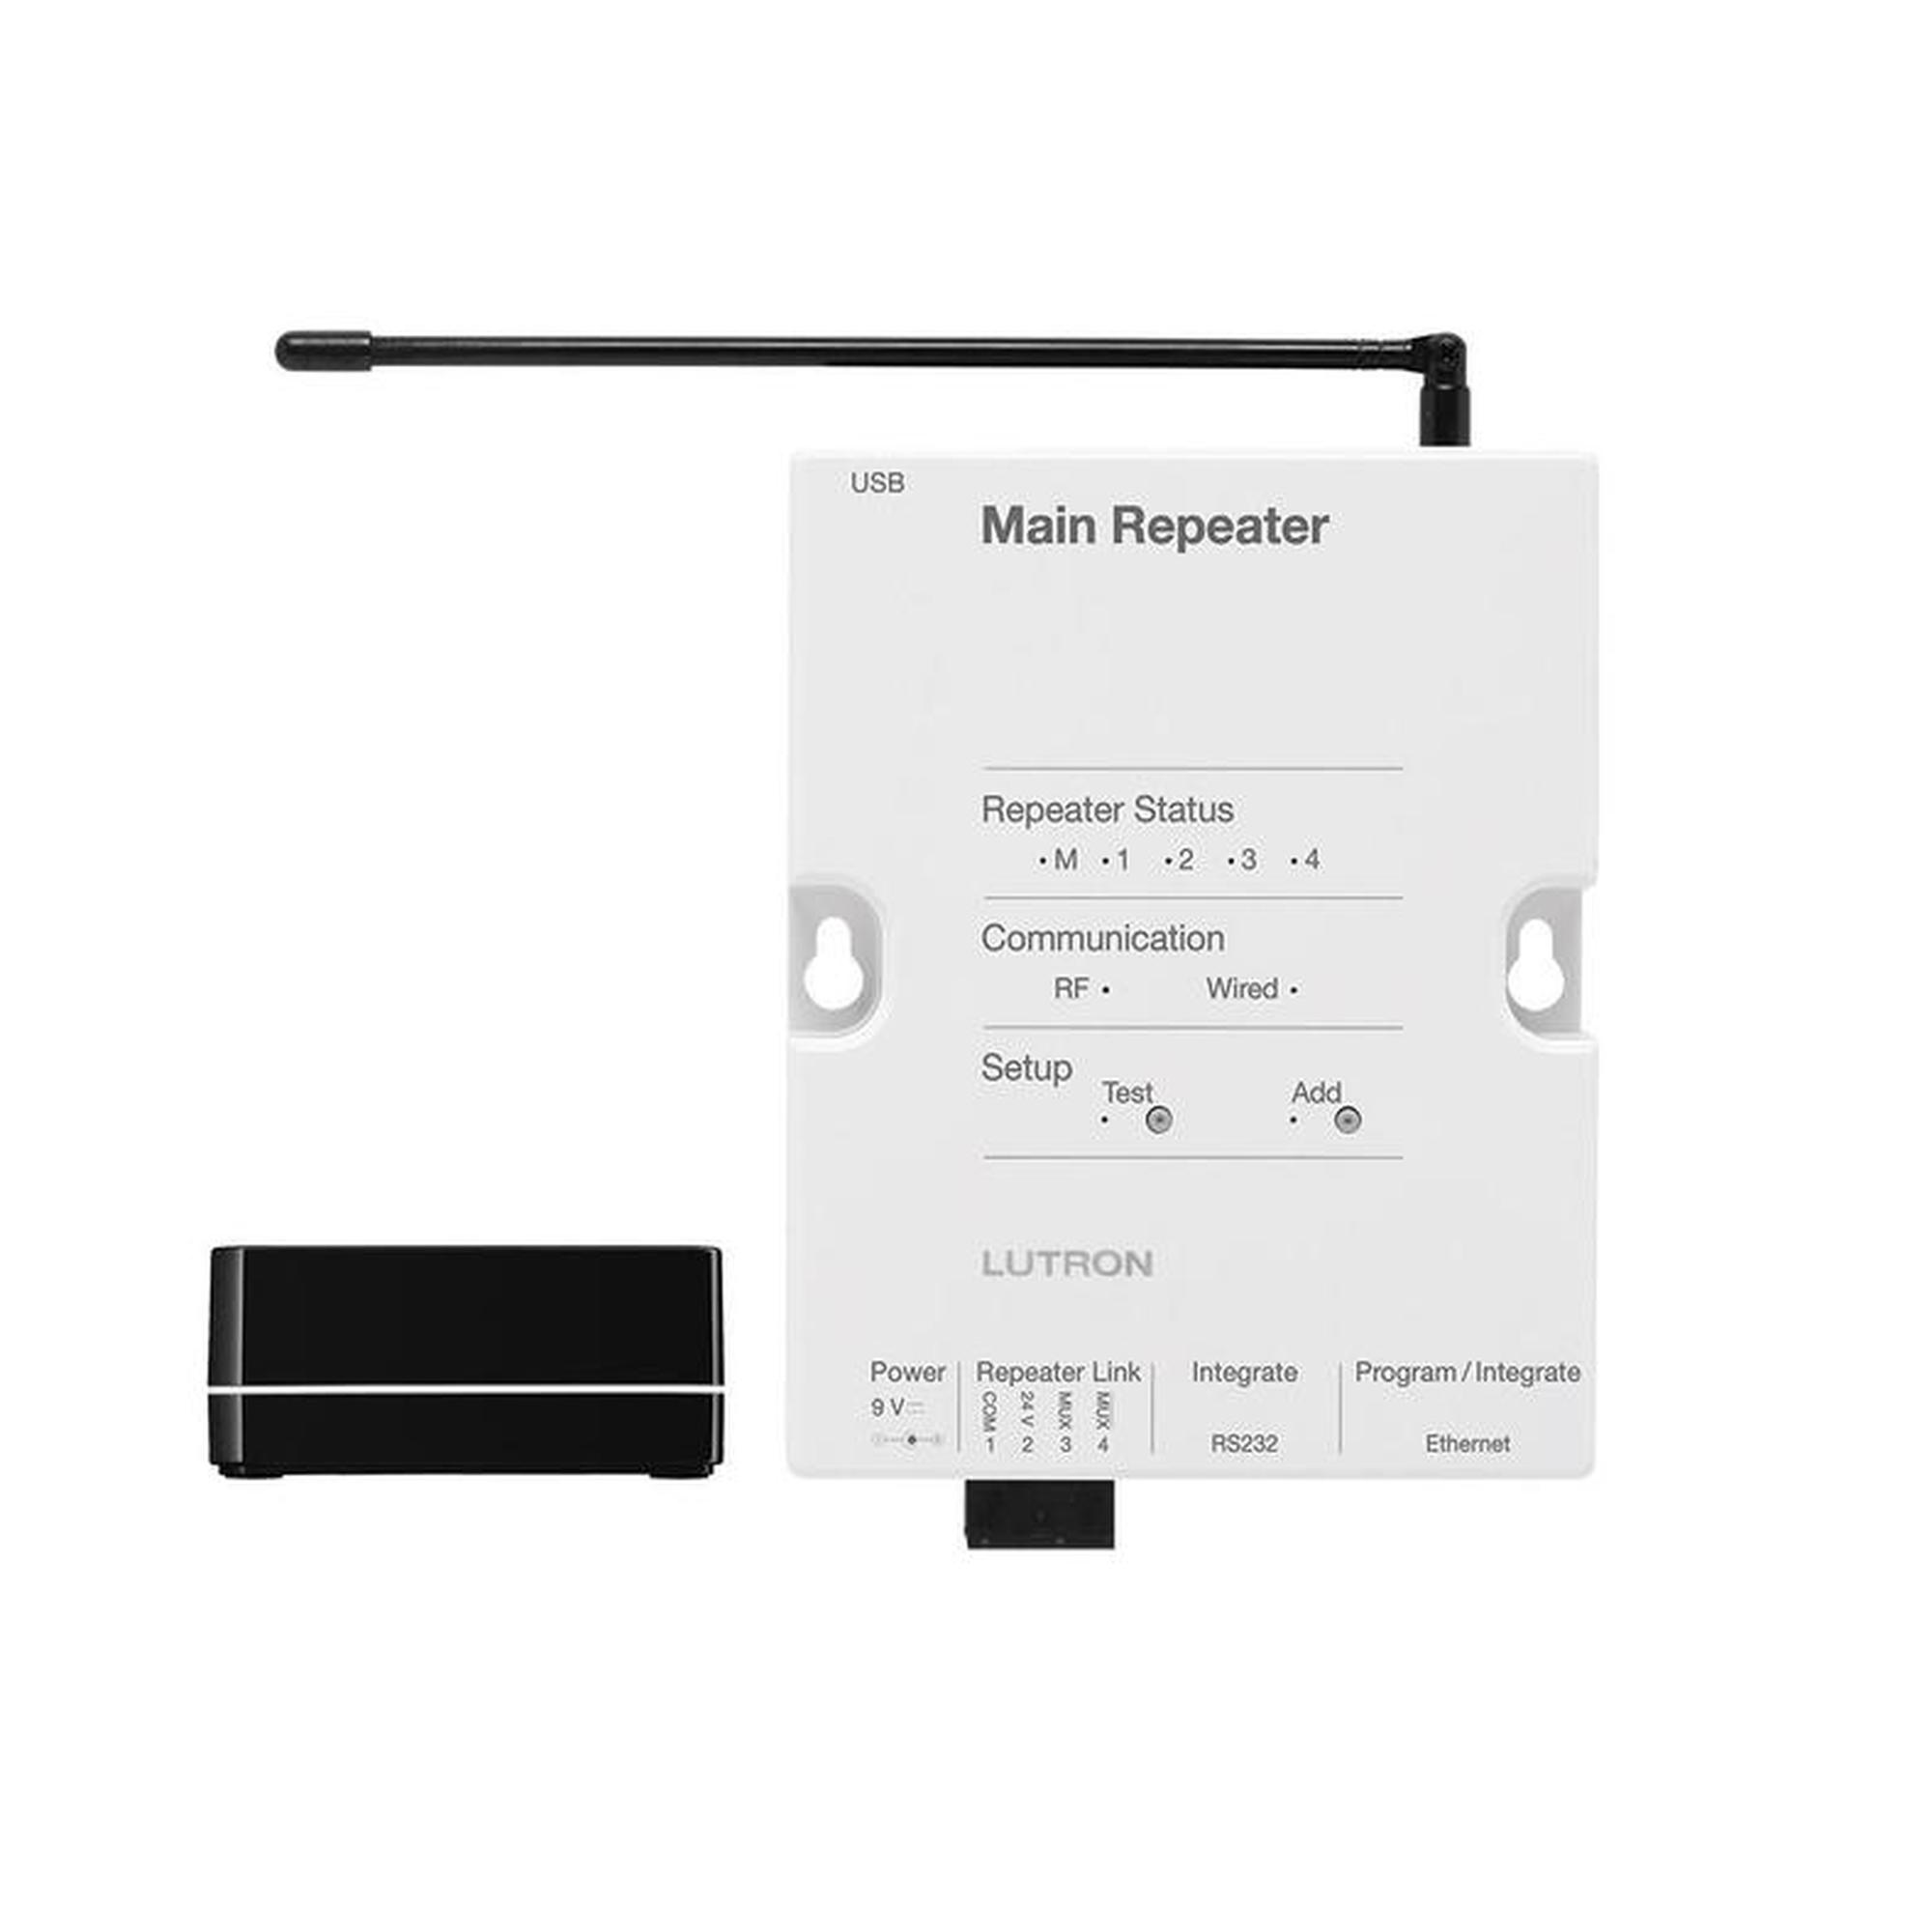 Kit de inicio para proyecto o solución de RadioRa2 control de iluminación, compatible con Alexa y Google Home